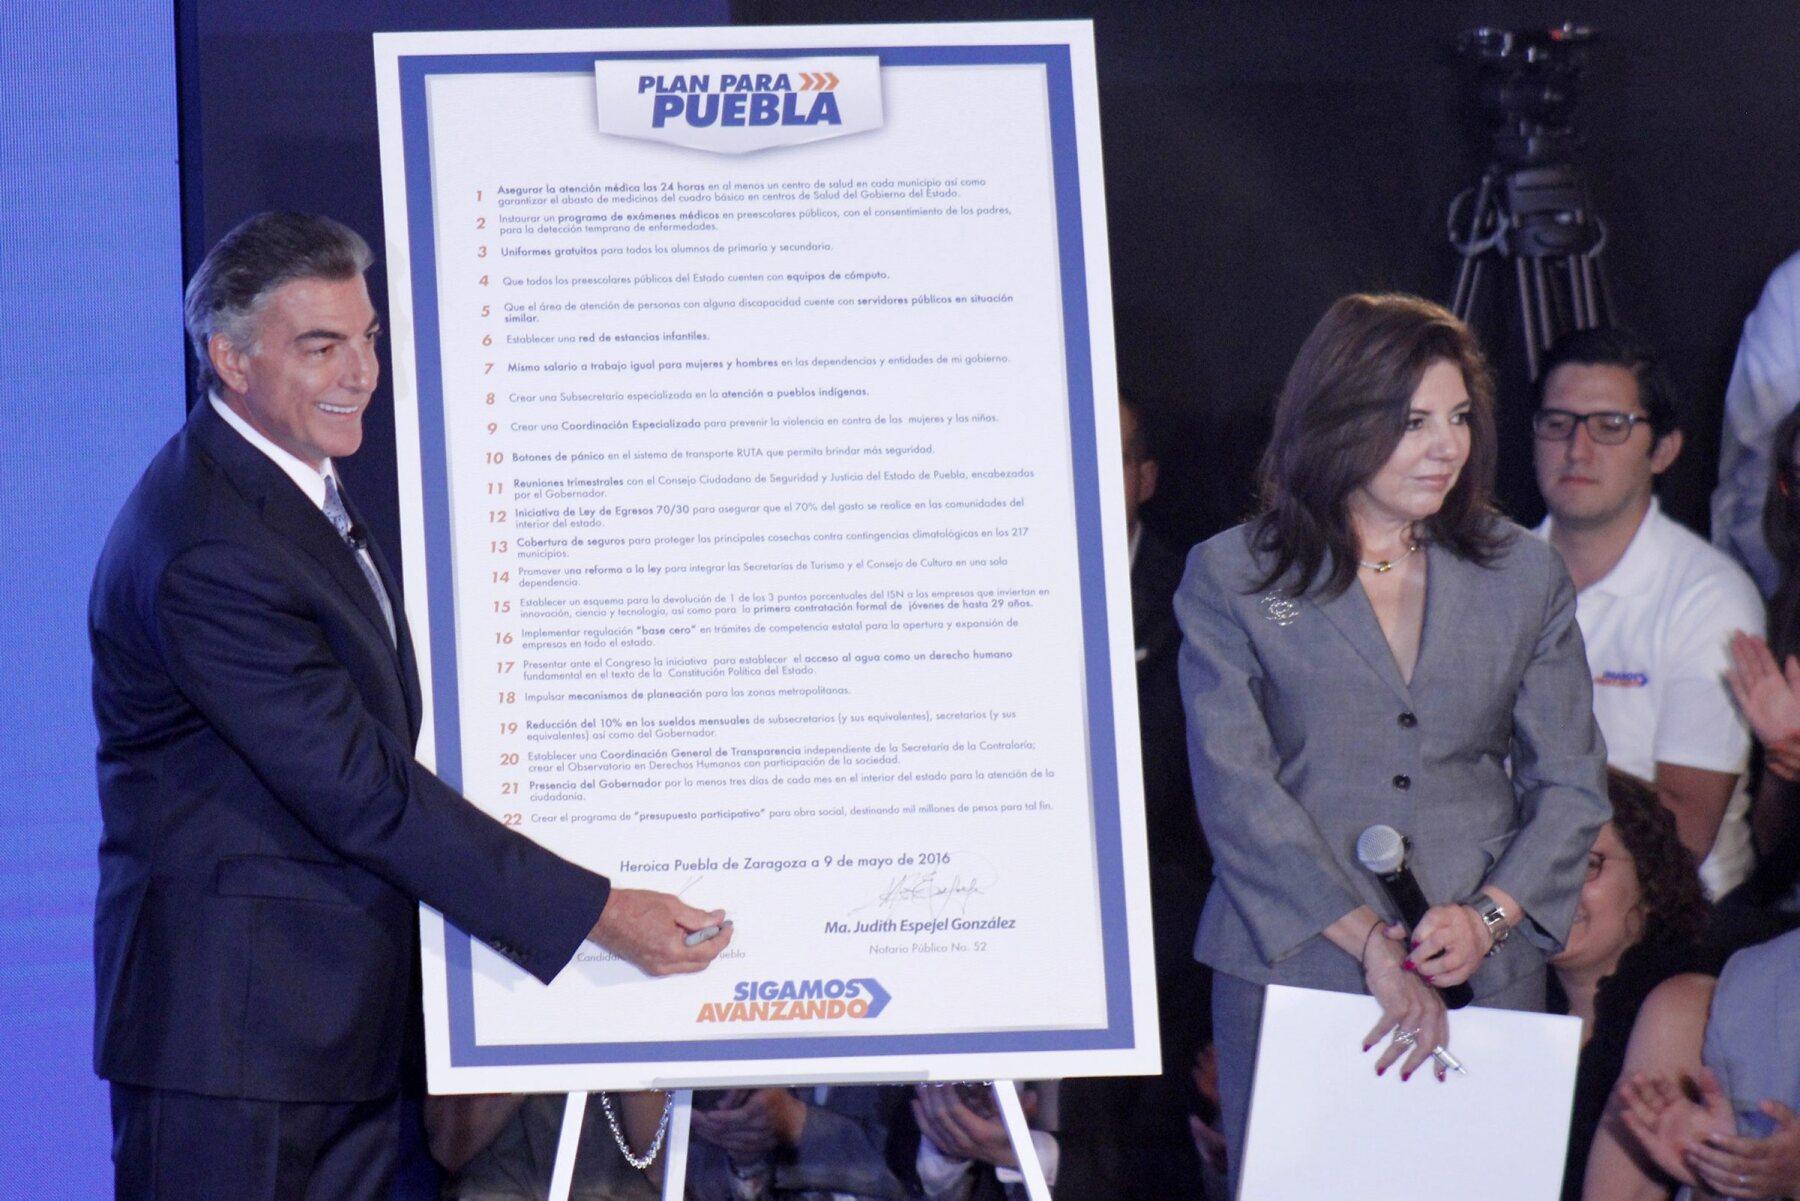 Las propuestas del candidato del PAN, Antonio Gali, están enfocadas en combatir la pobreza y generar empleos.